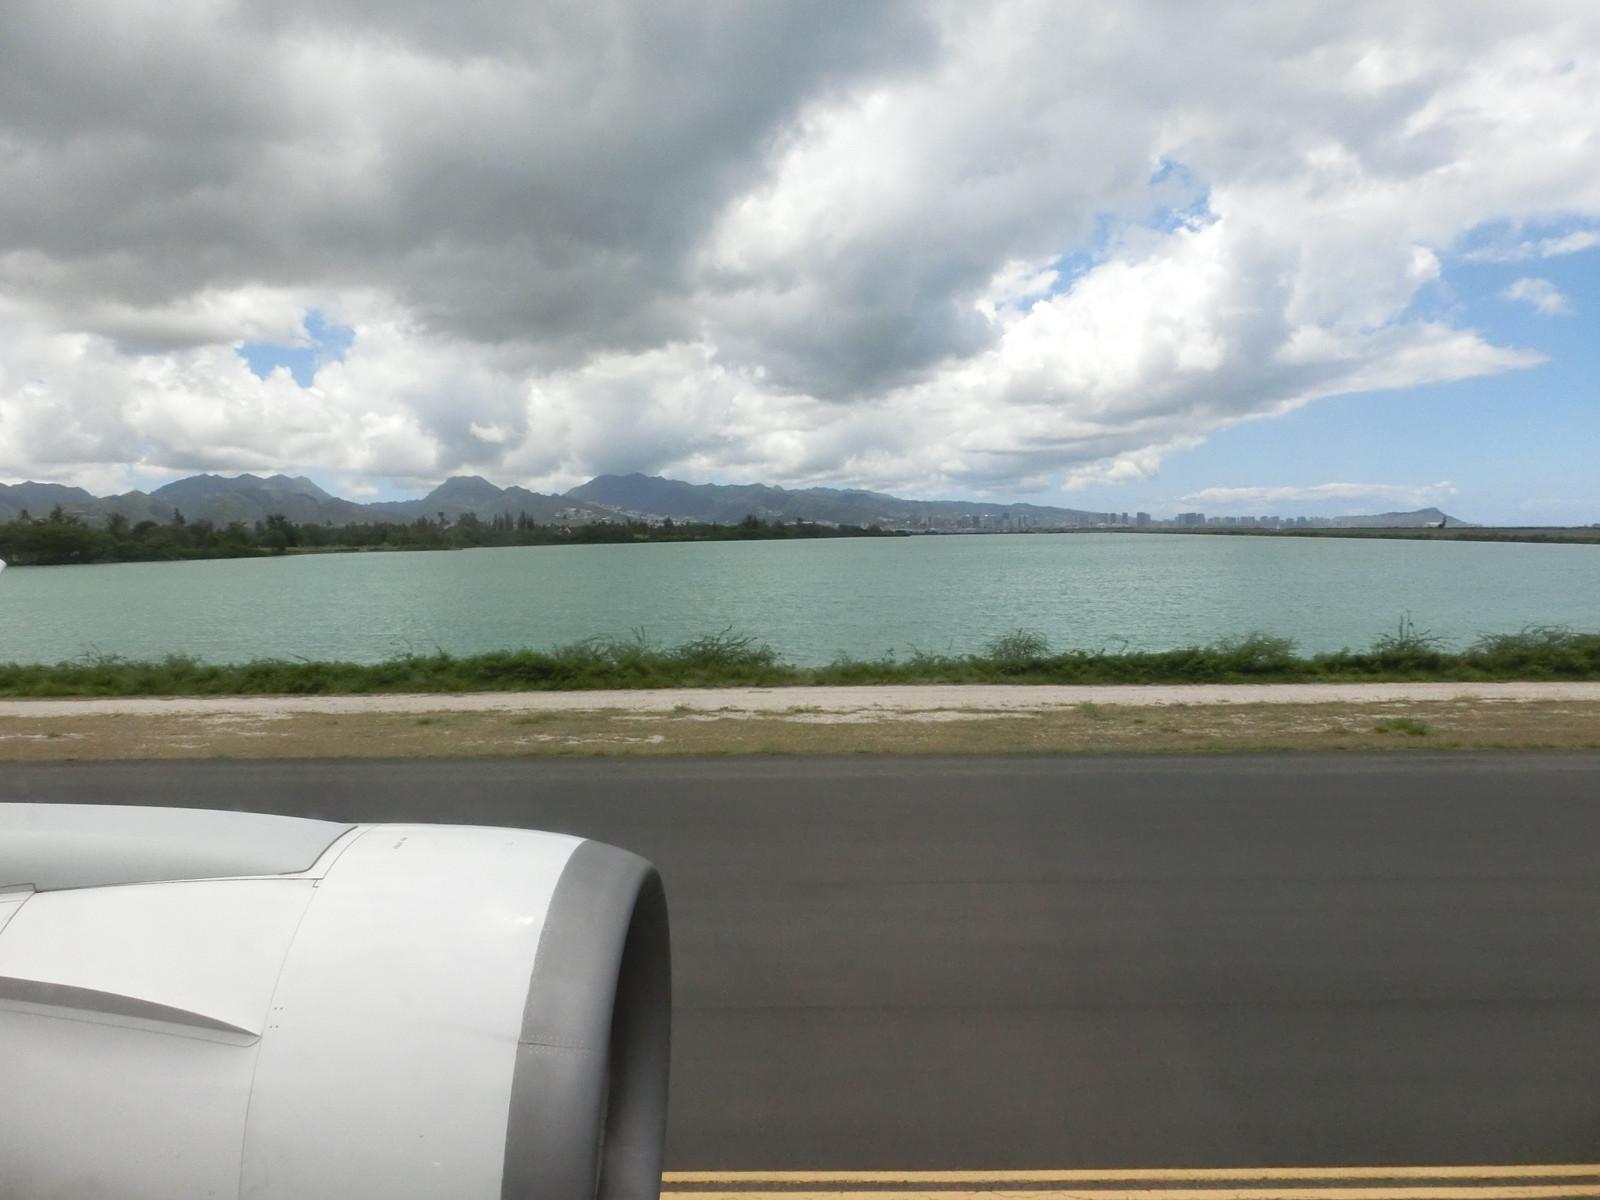 Jl785_hnl_takeoff_3